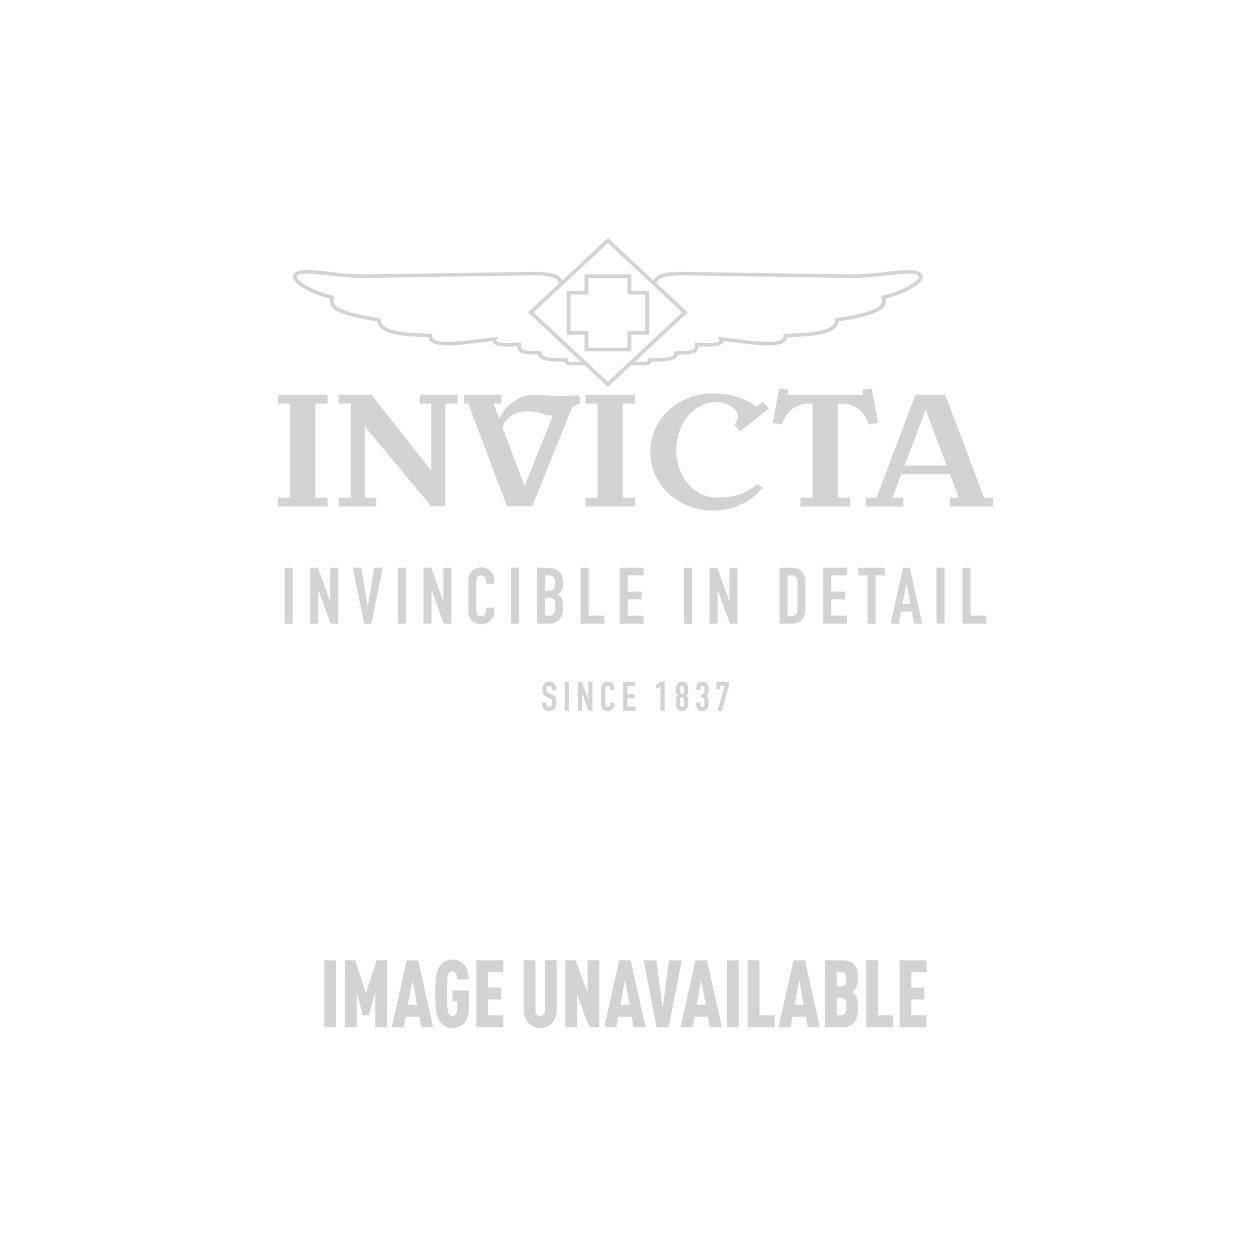 Invicta Model 24383